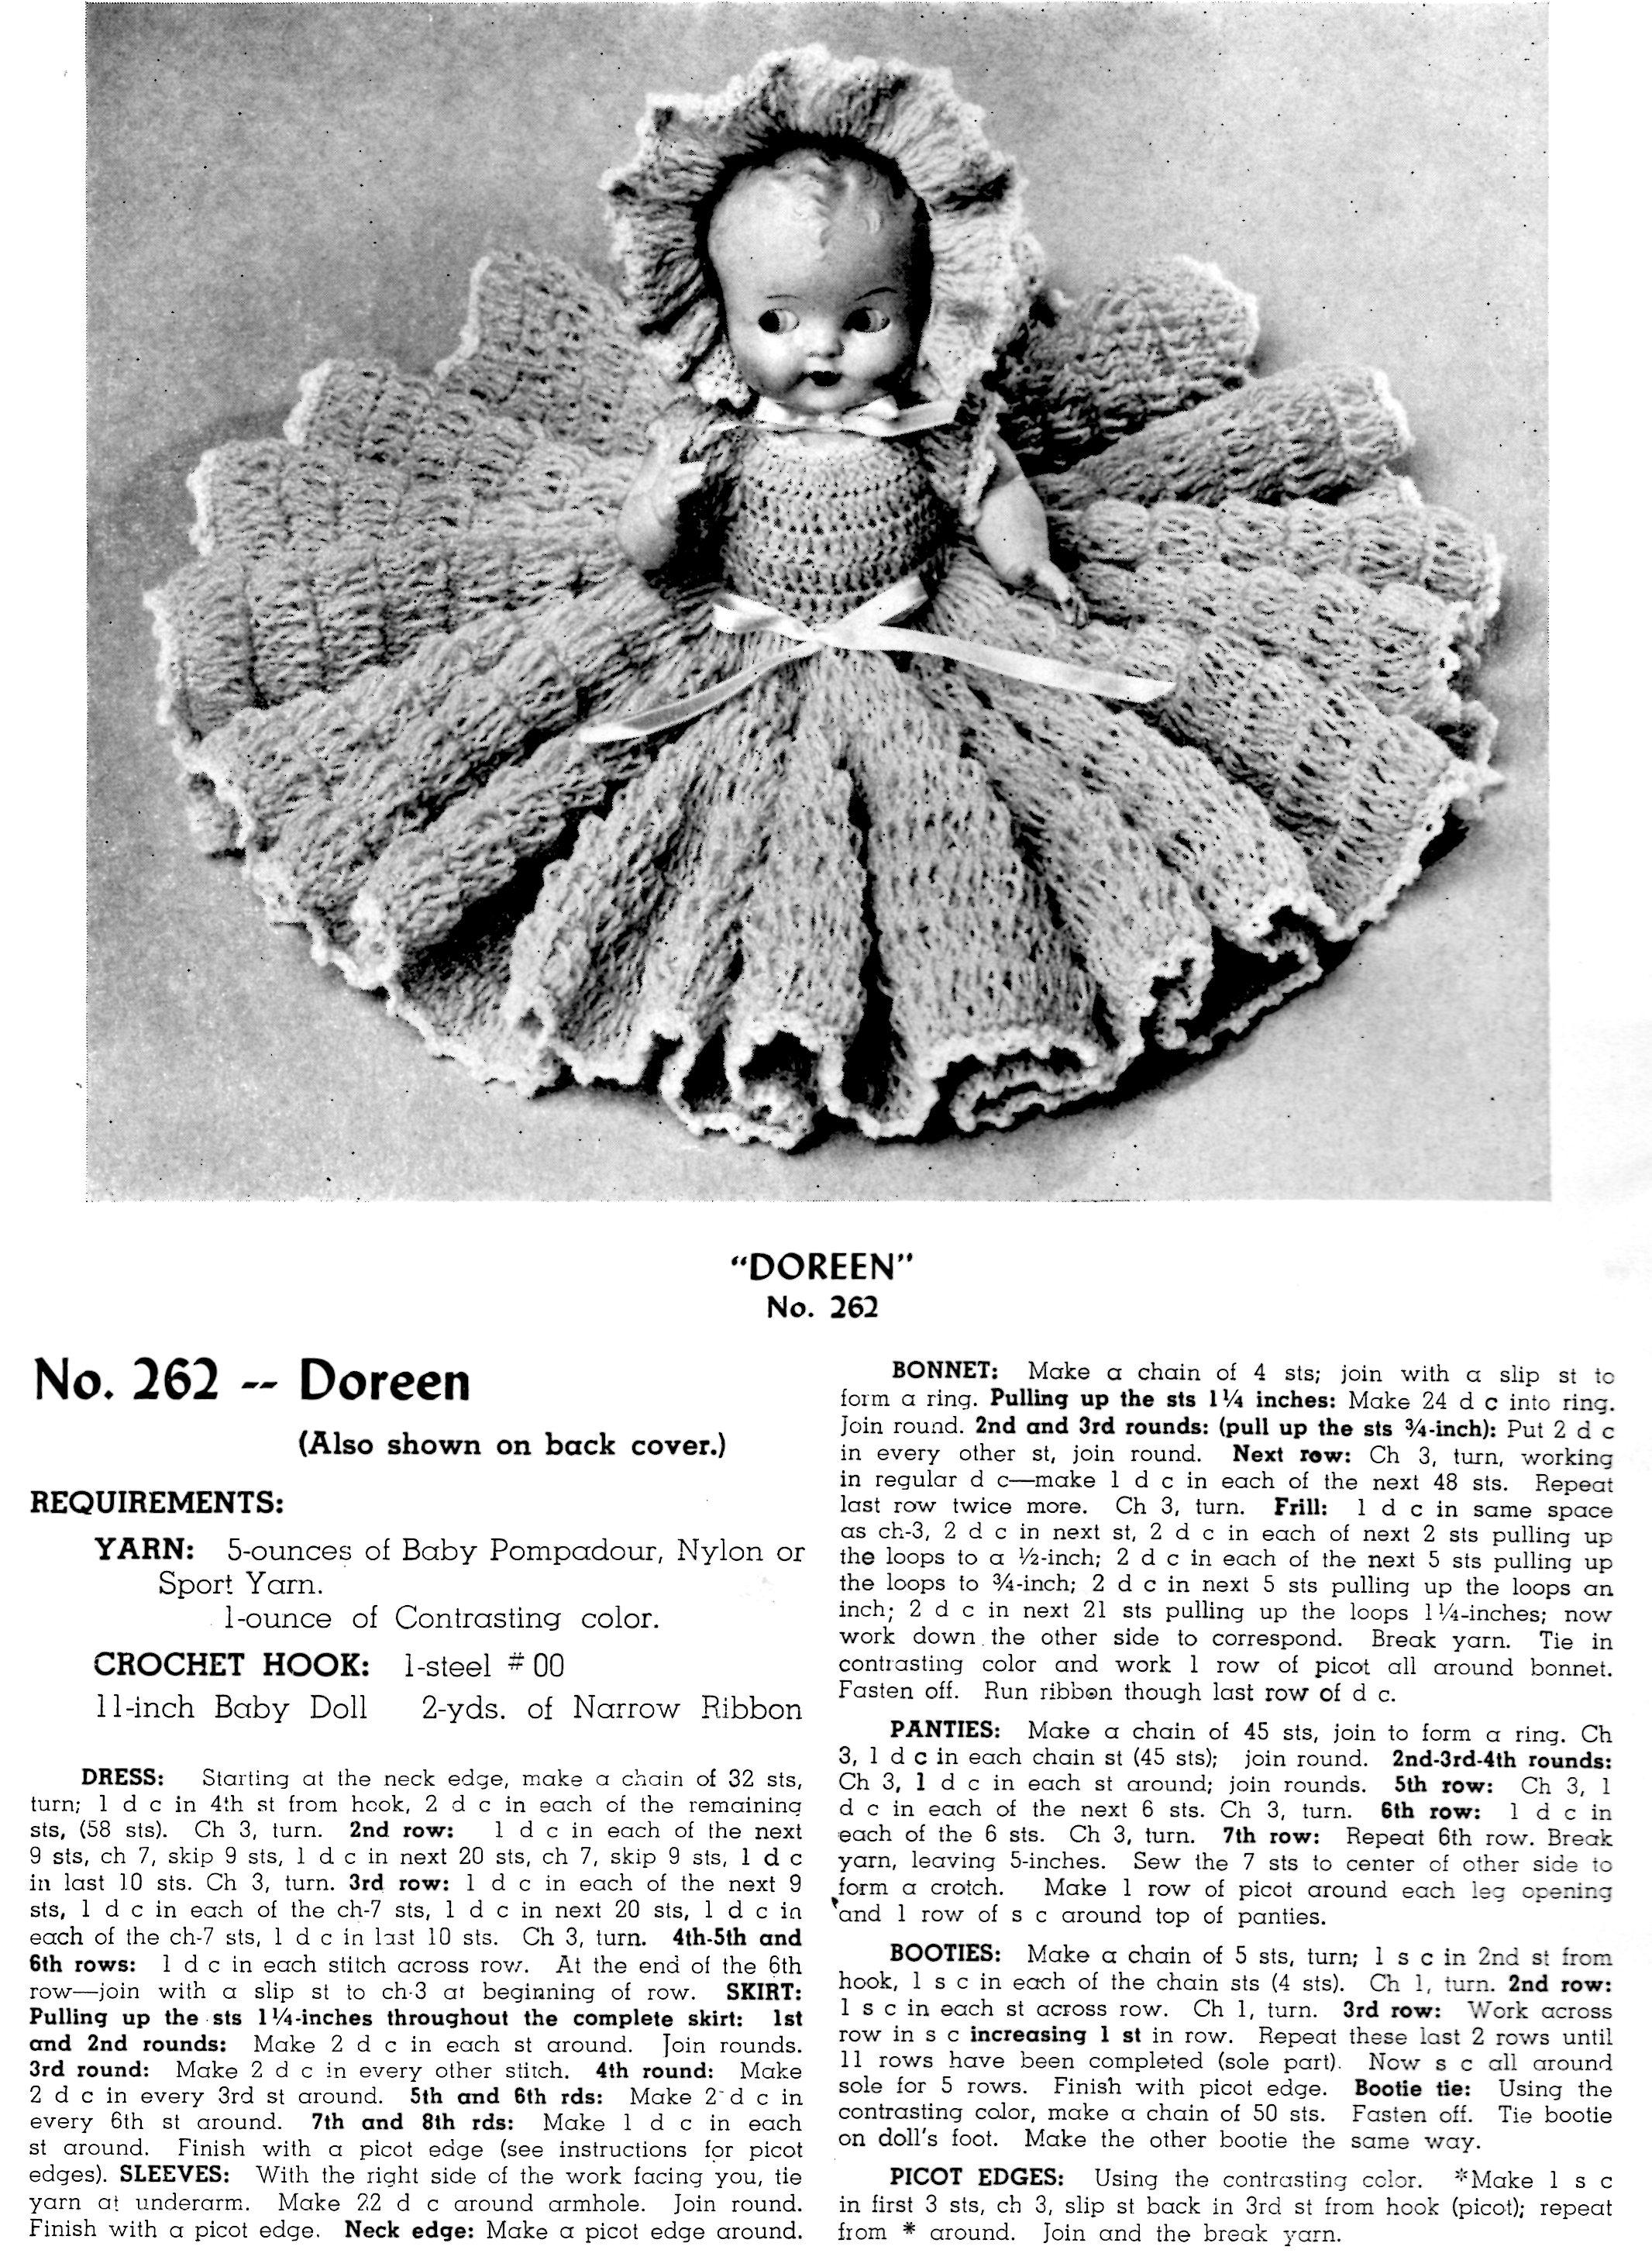 Doreen Doll 262 Crochet Pattern